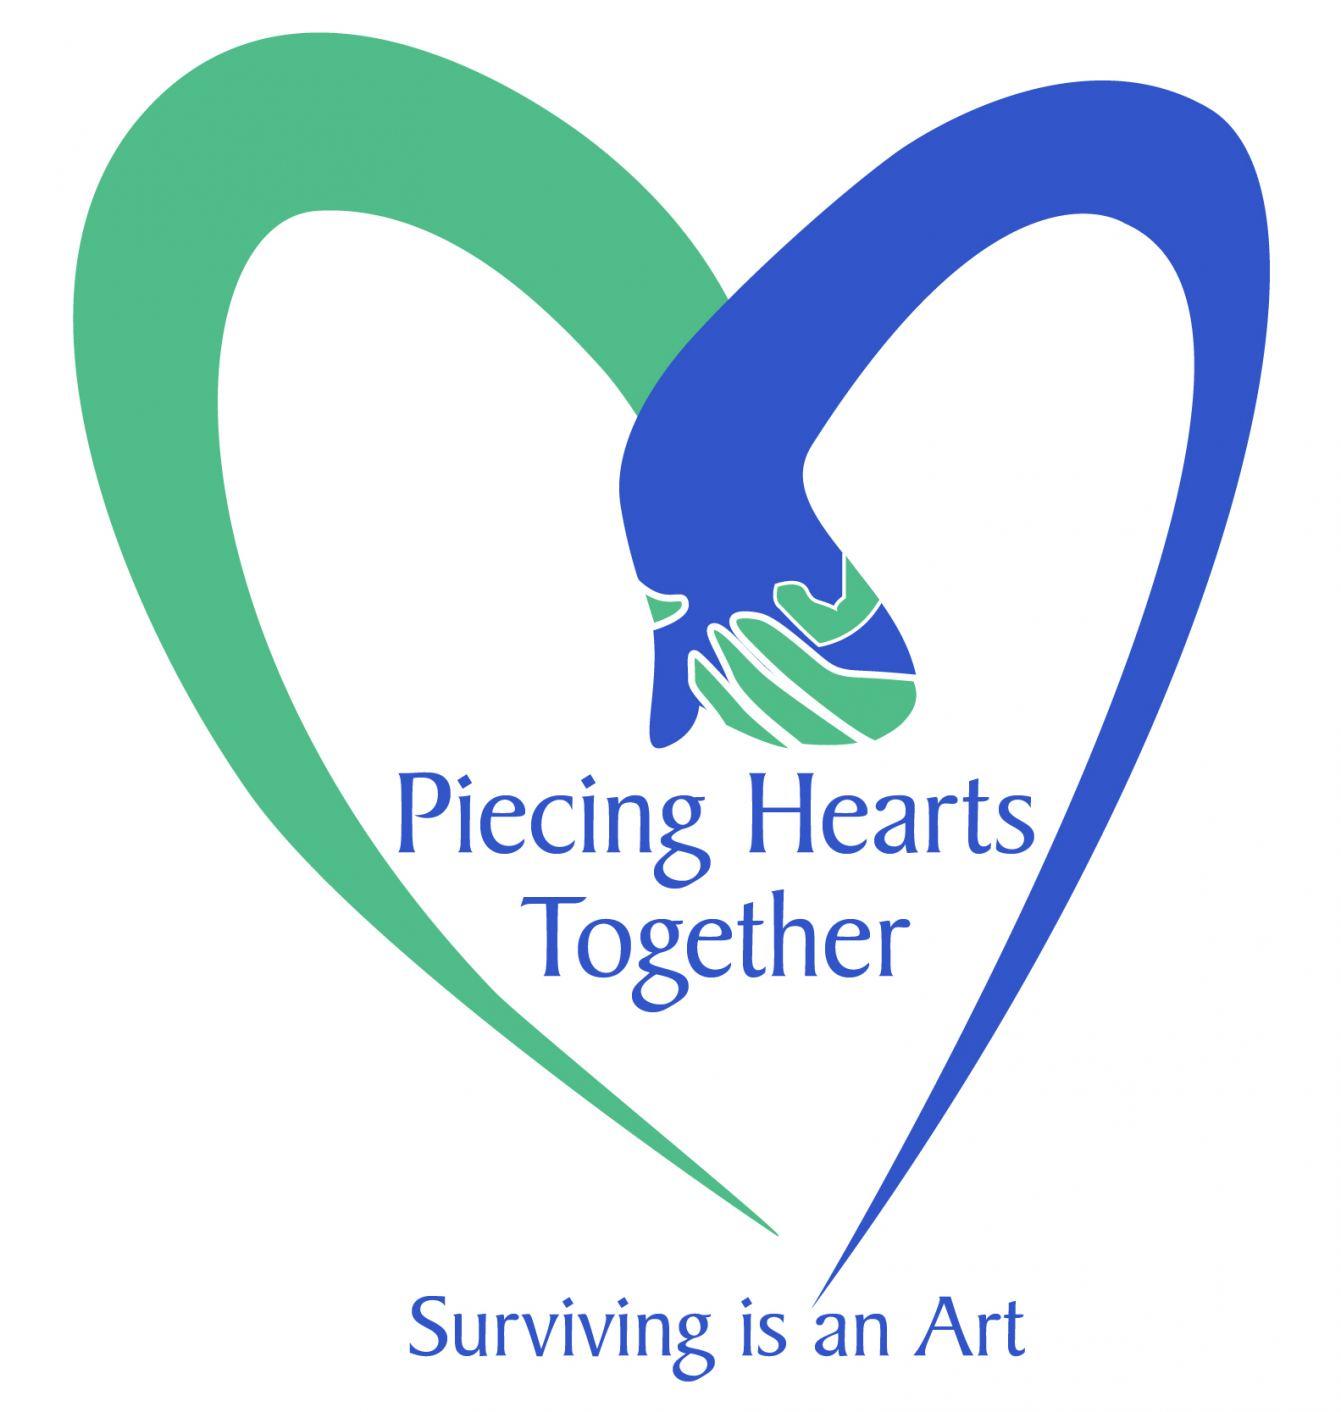 PiecingHeartsTogethr Logo